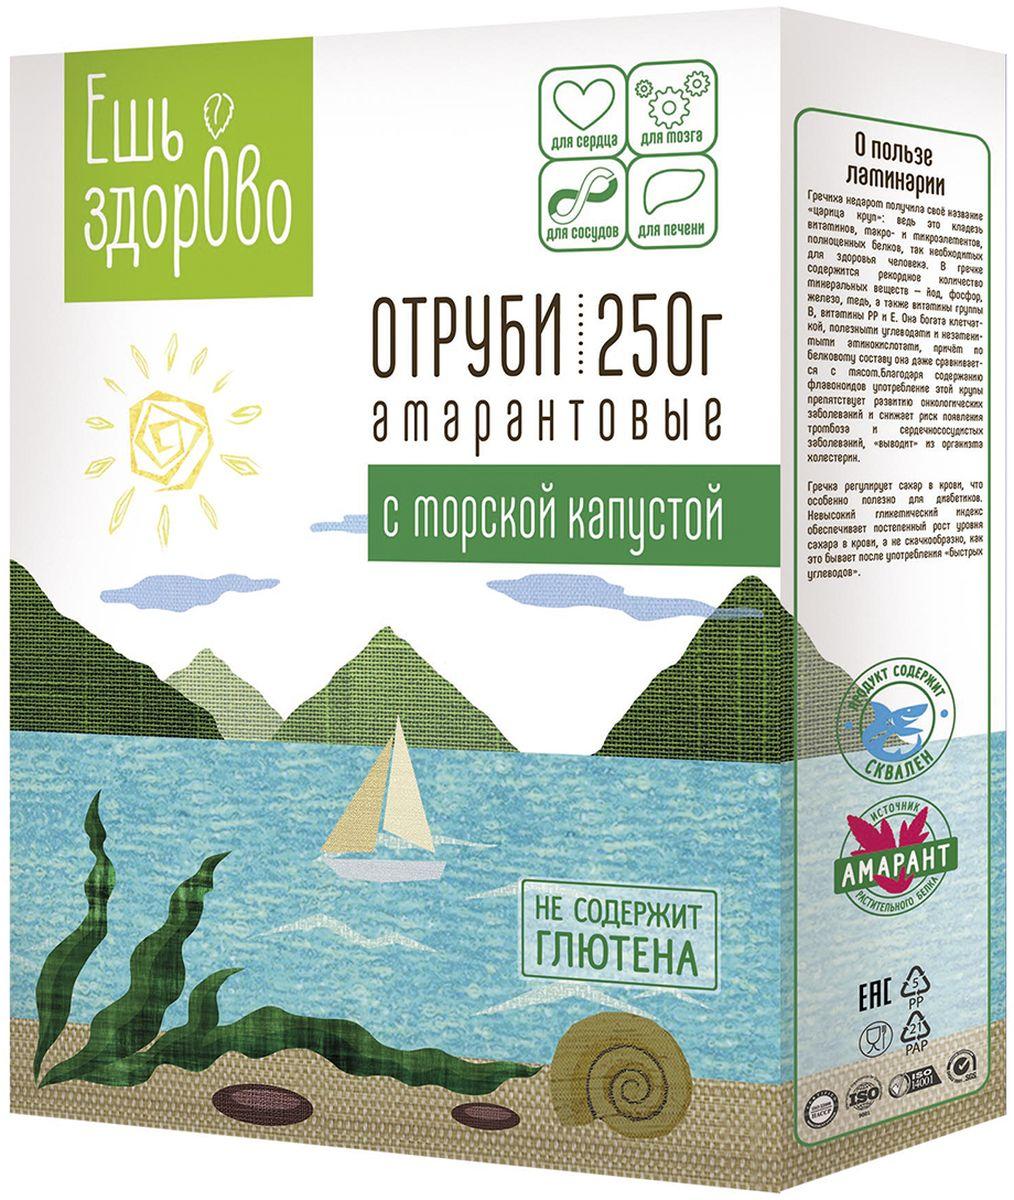 Ешь здорово отруби амарантовые с морской капустой, 250 г недорого